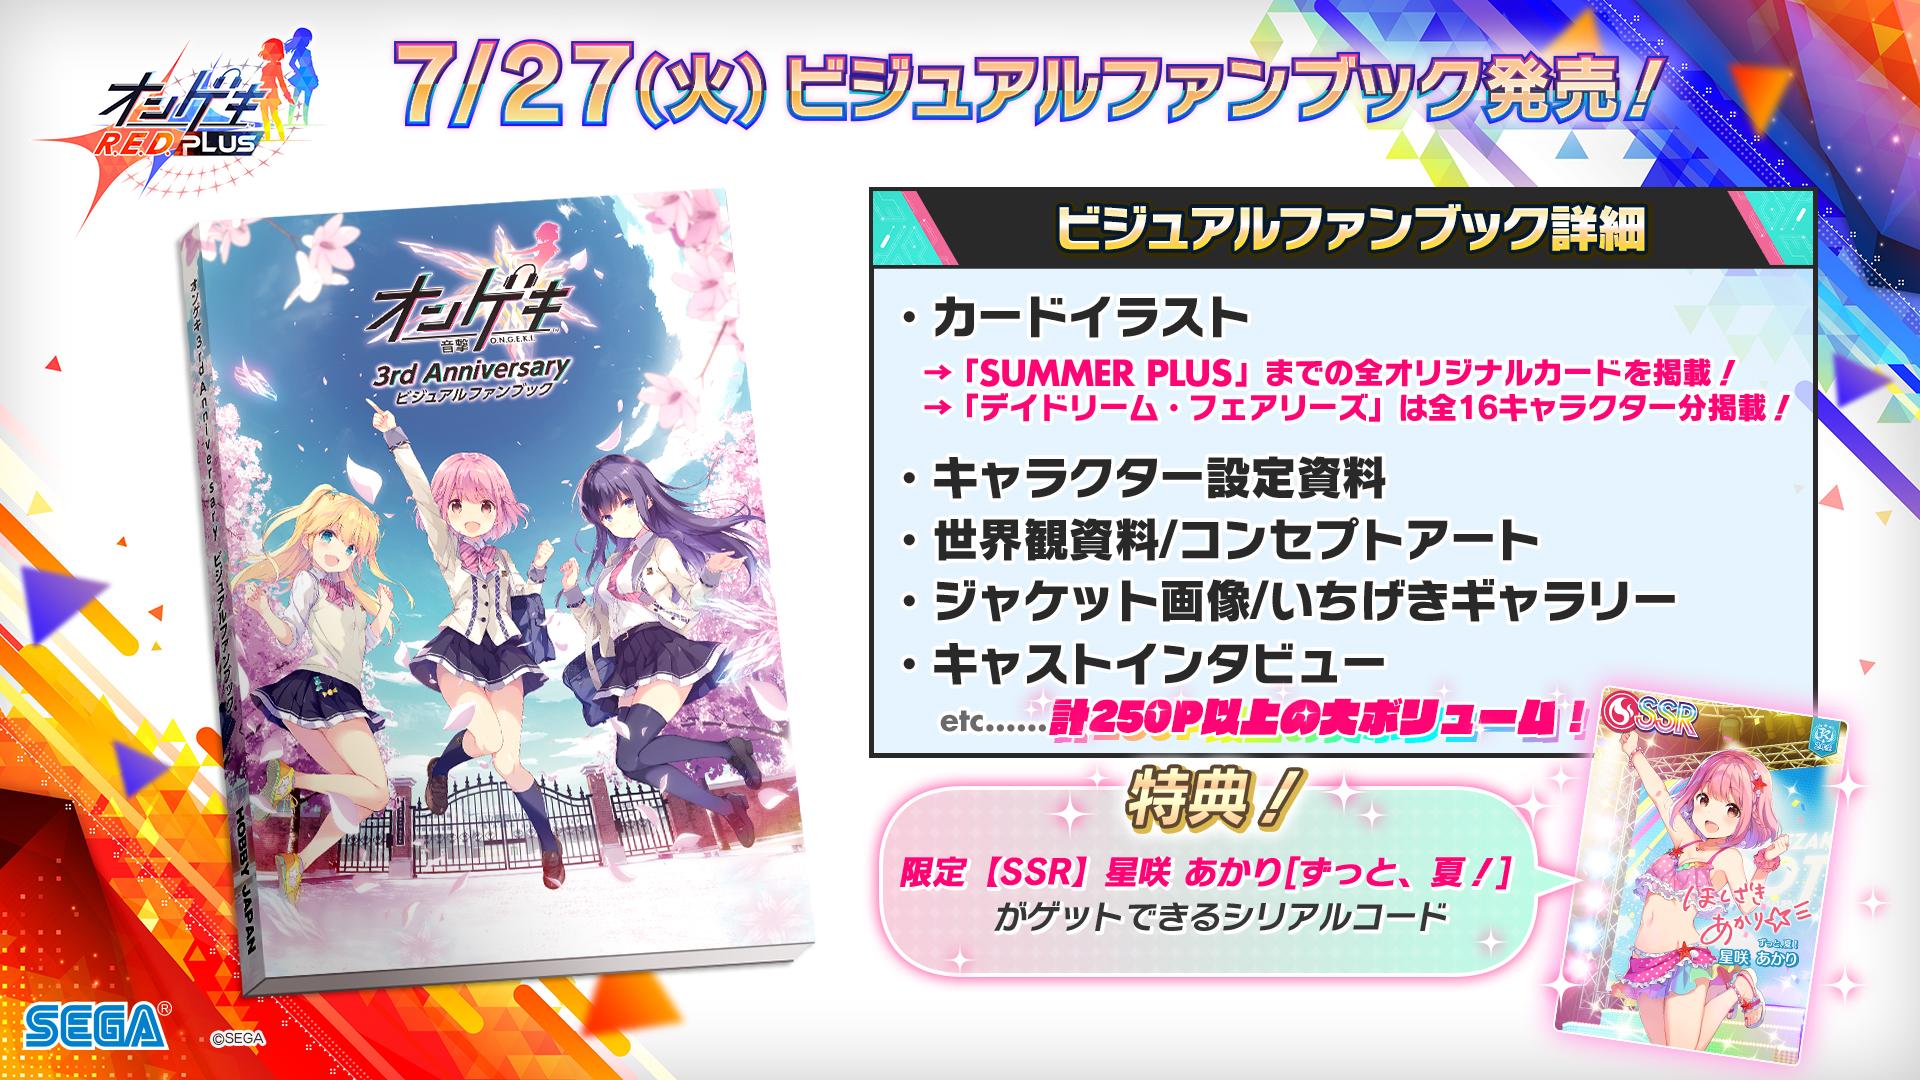 7/27(火)『オンゲキ 3rd Anniversary ビジュアルファンブック』発売!